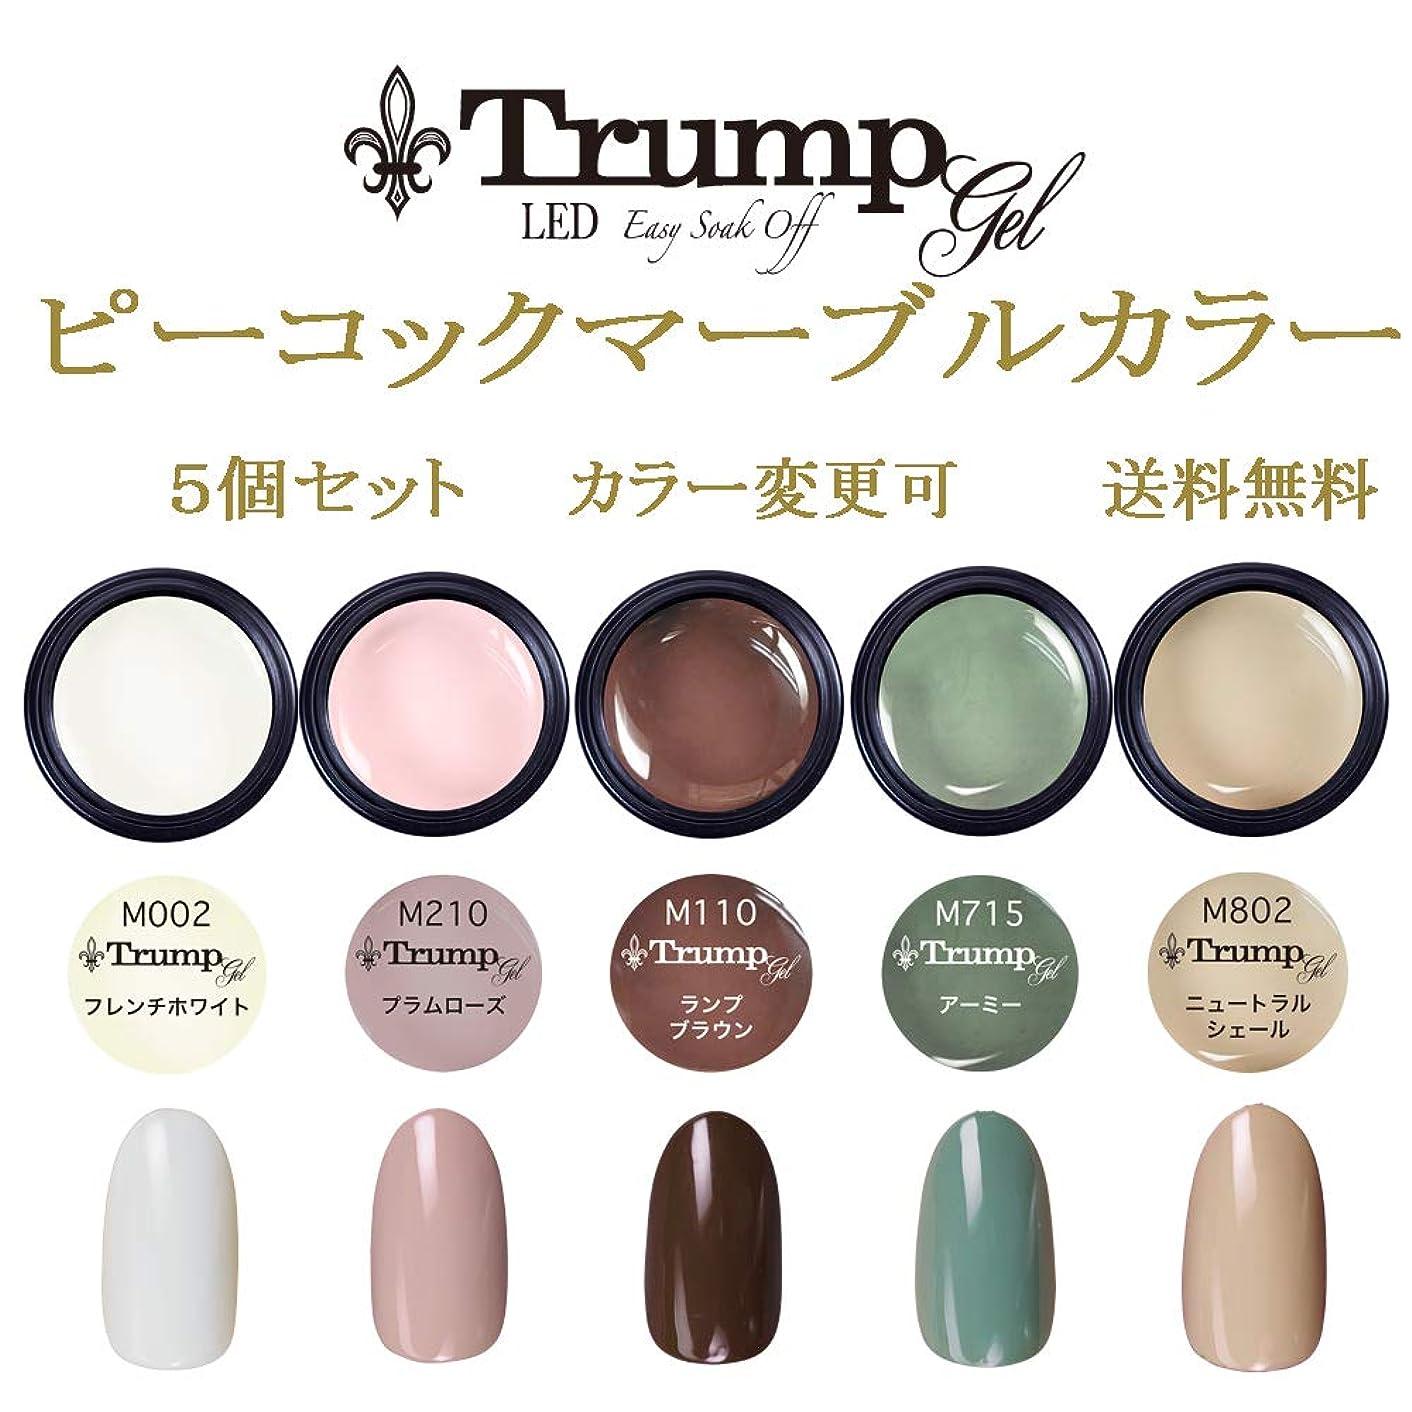 部分バンジージャンプ真剣に【送料無料】日本製 Trump gel トランプジェル ピーコックマーブル カラージェル 5個セット 魅惑のフロストマットトップとマットに合う人気カラーをチョイス